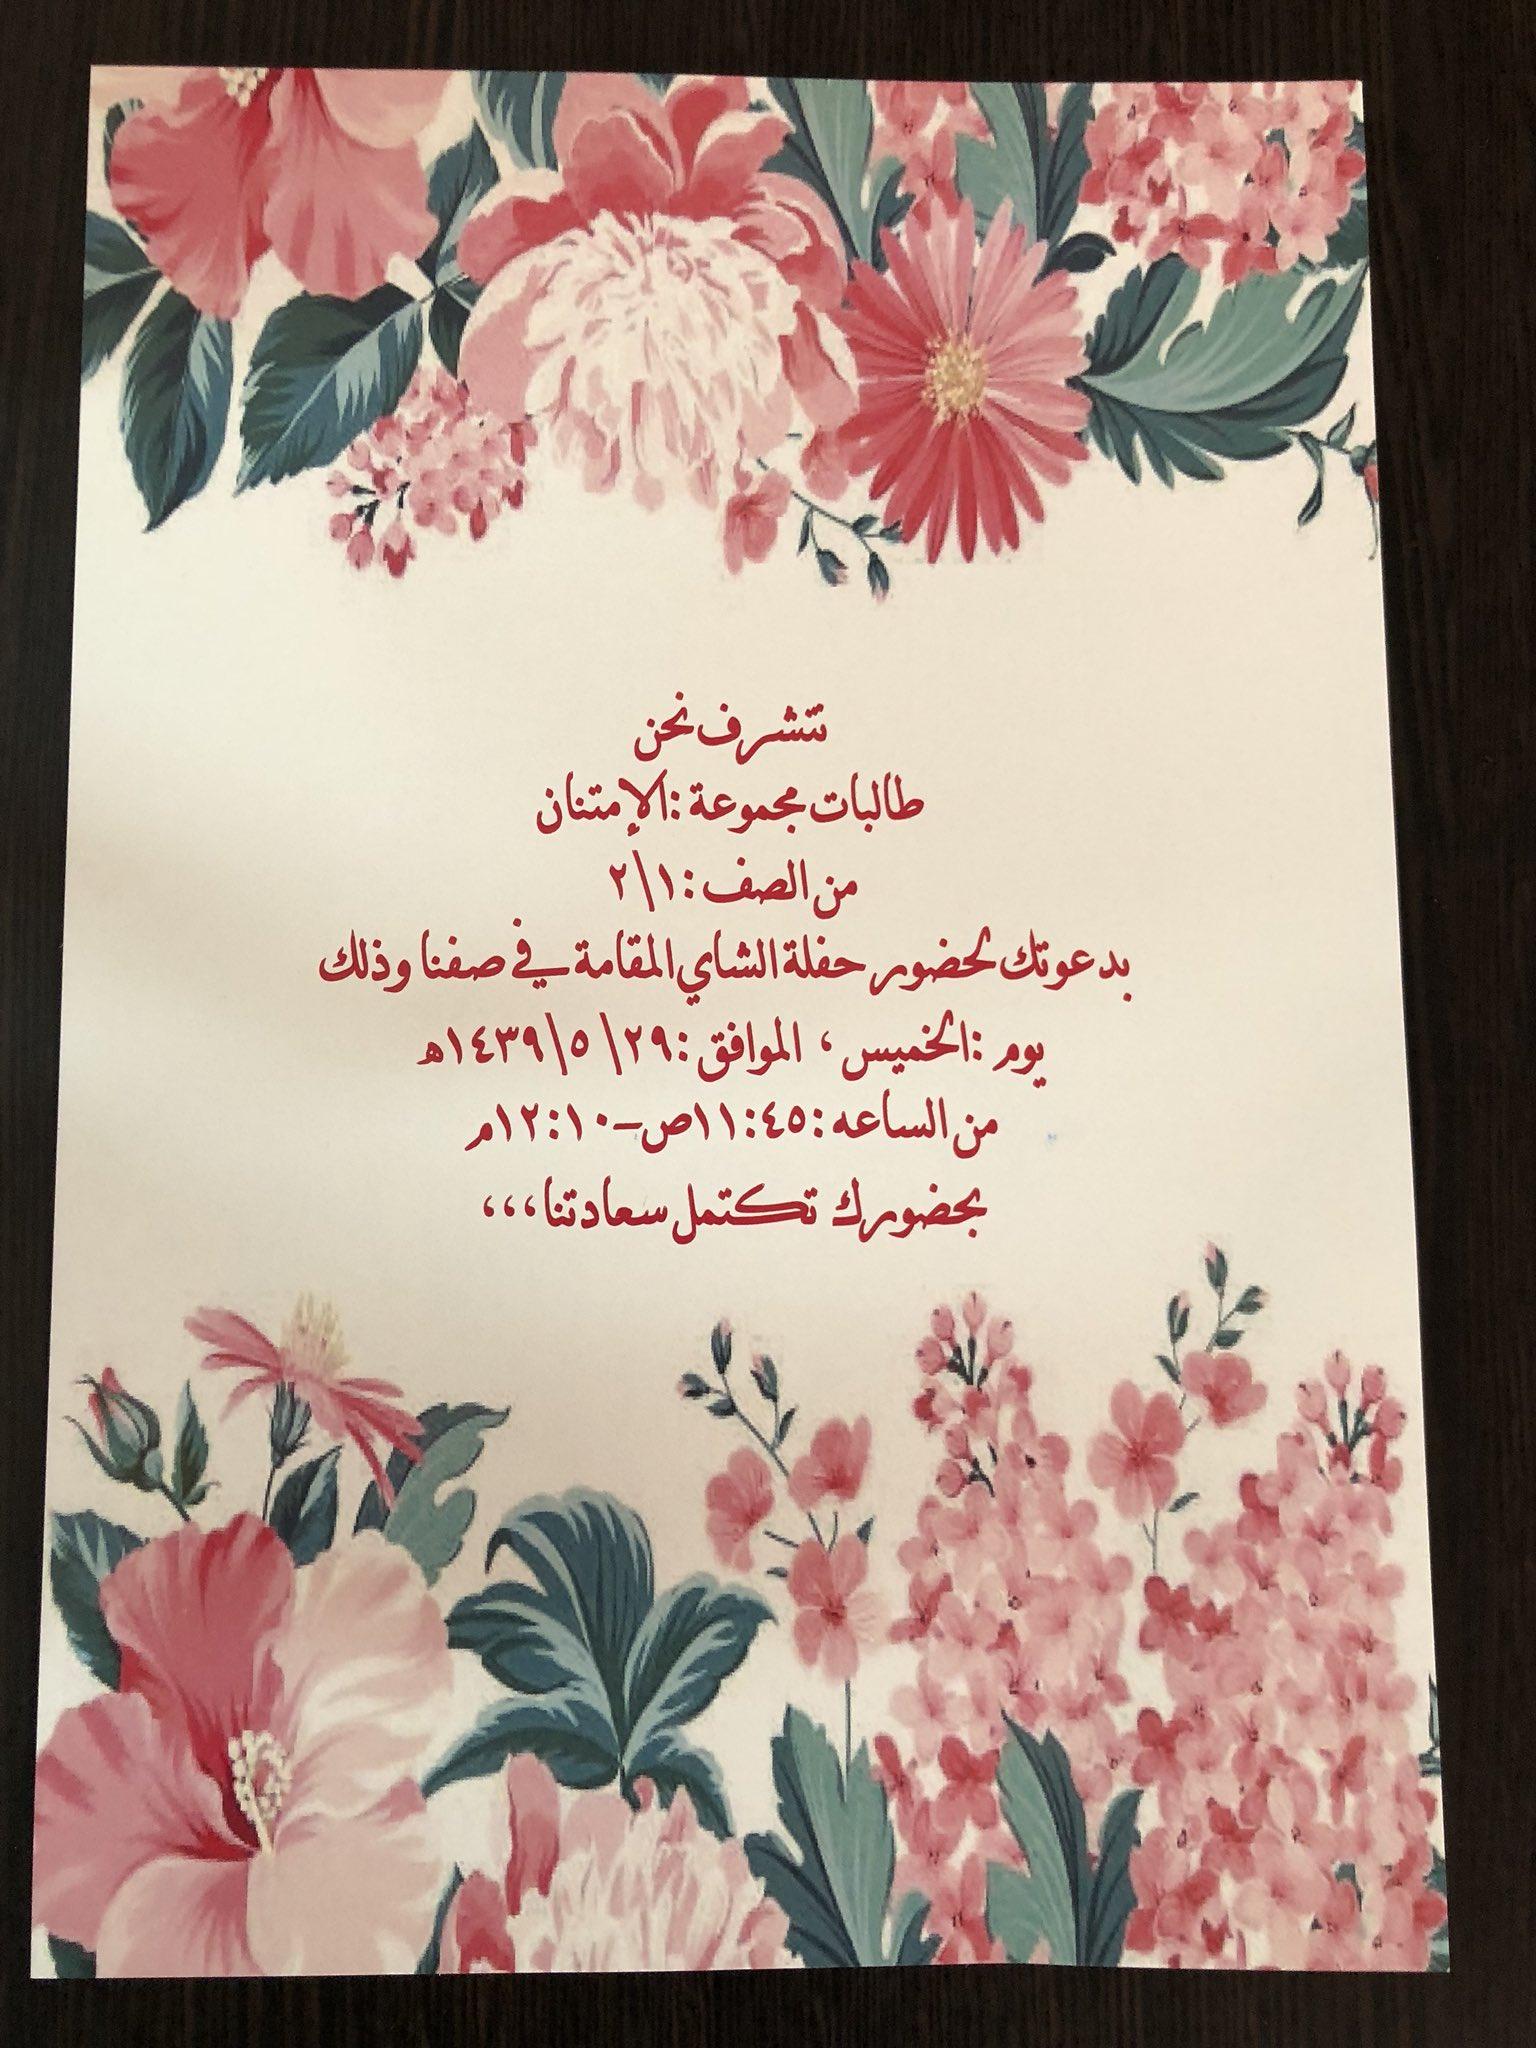 غاده On Twitter تشرفت بقبول دعوة طالبات الصف٢ ١ لدعوتي لحفلة شاي جميلة من ابداع طالباتي الغاليات